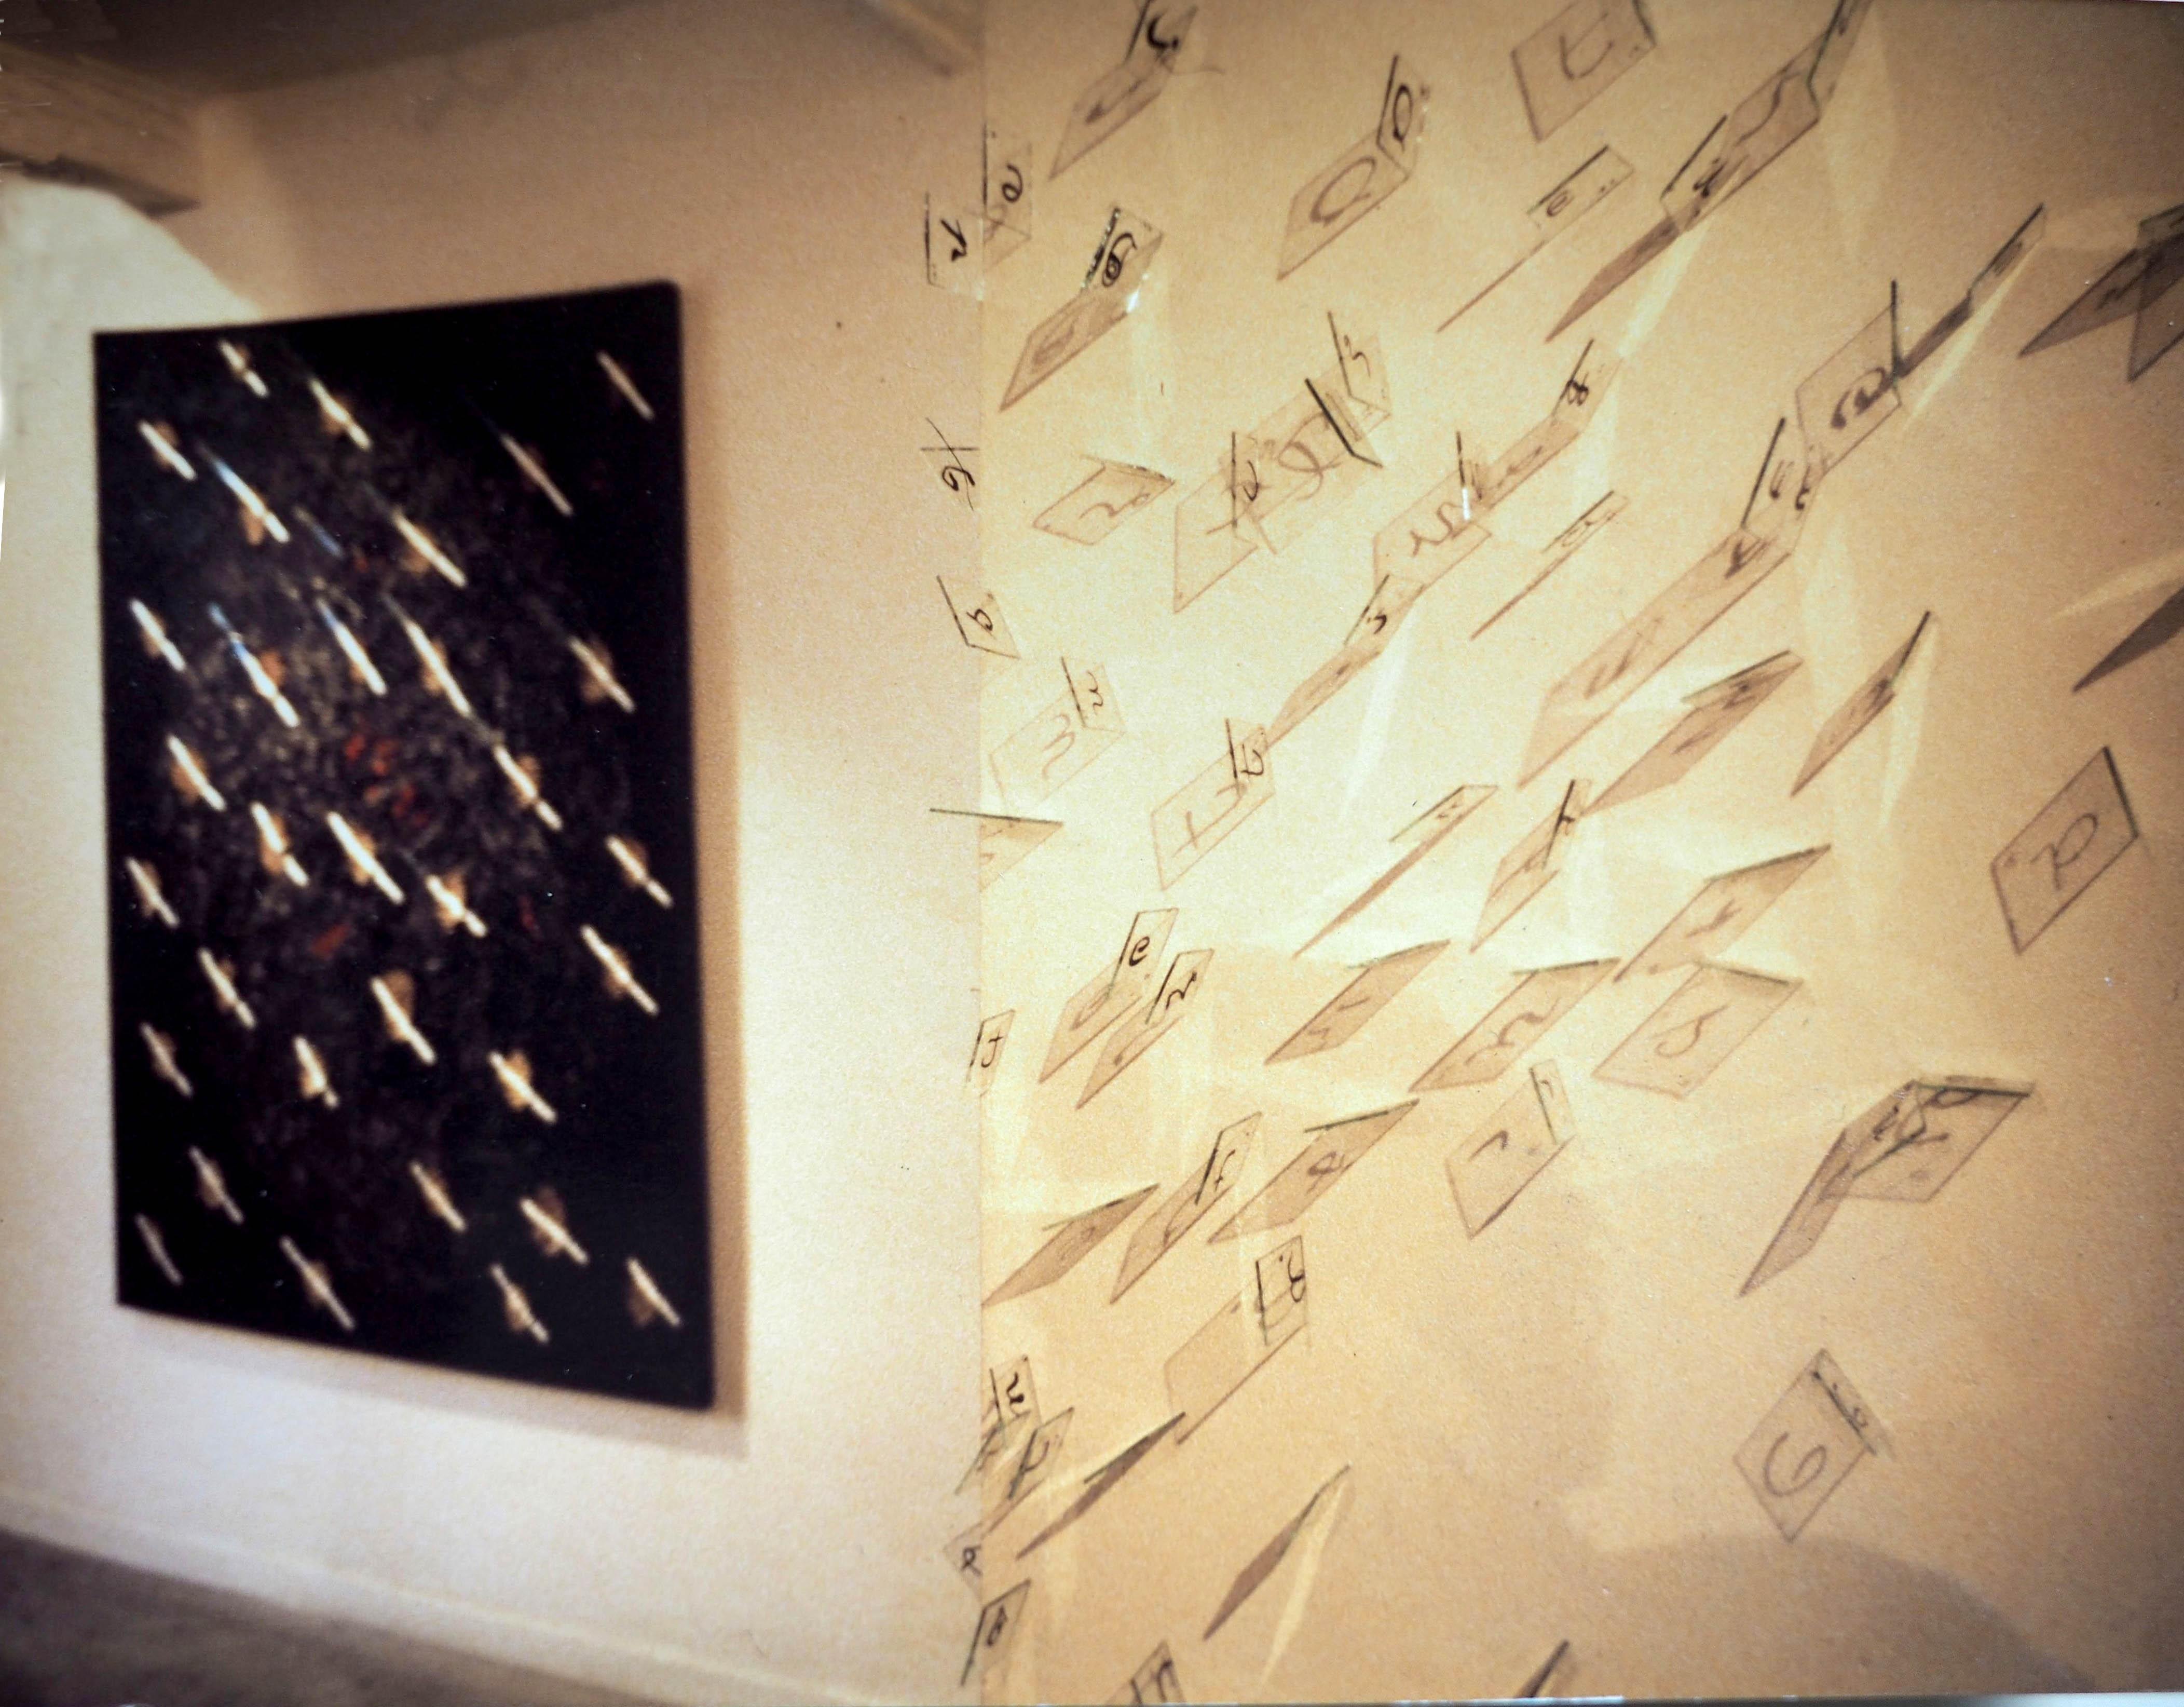 expo galerie vieille charité - 13002